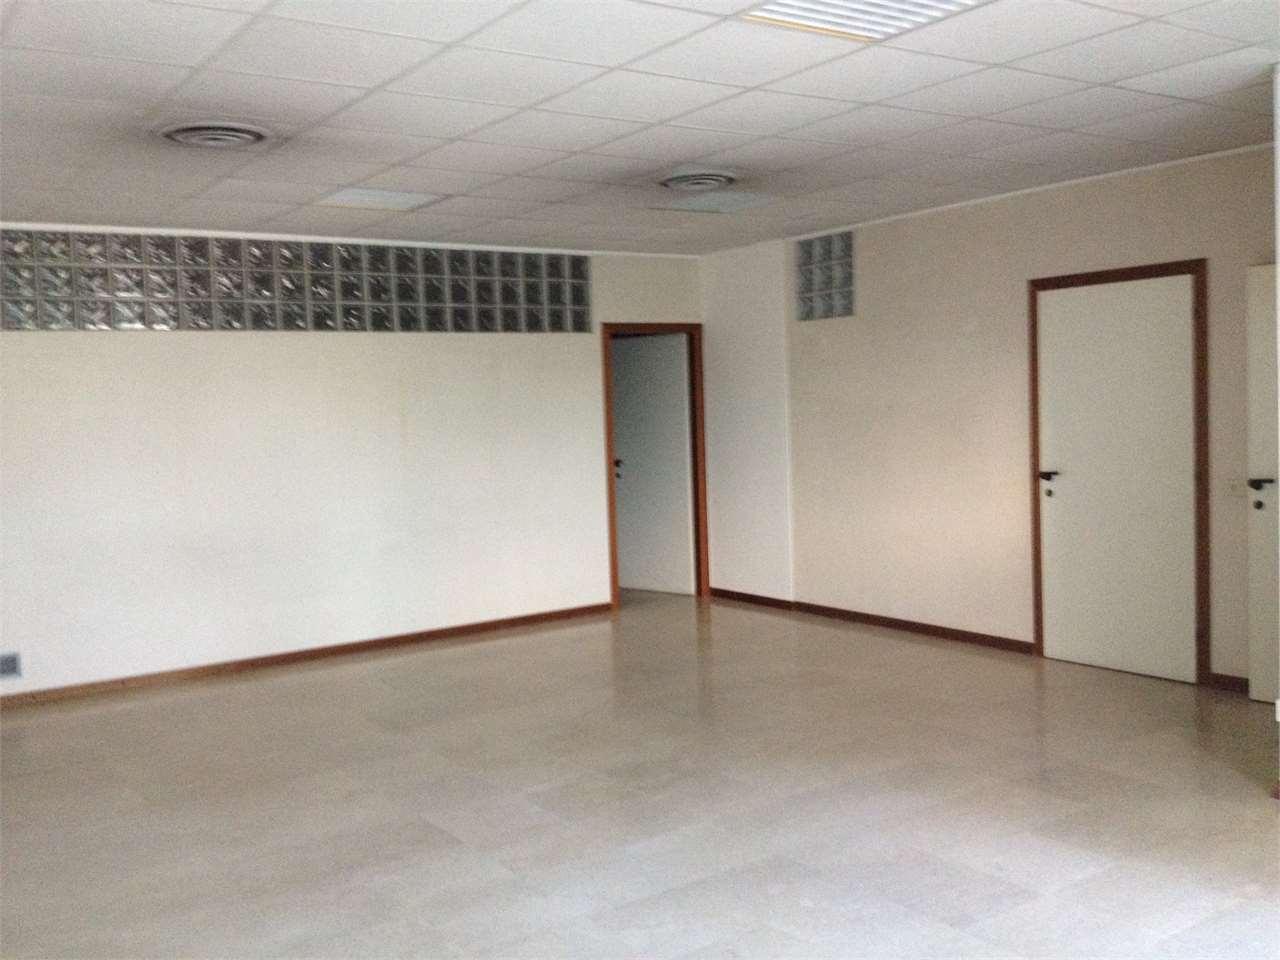 Ufficio / Studio in vendita a Varese, 3 locali, zona Zona: Centro, prezzo € 220.000 | Cambio Casa.it